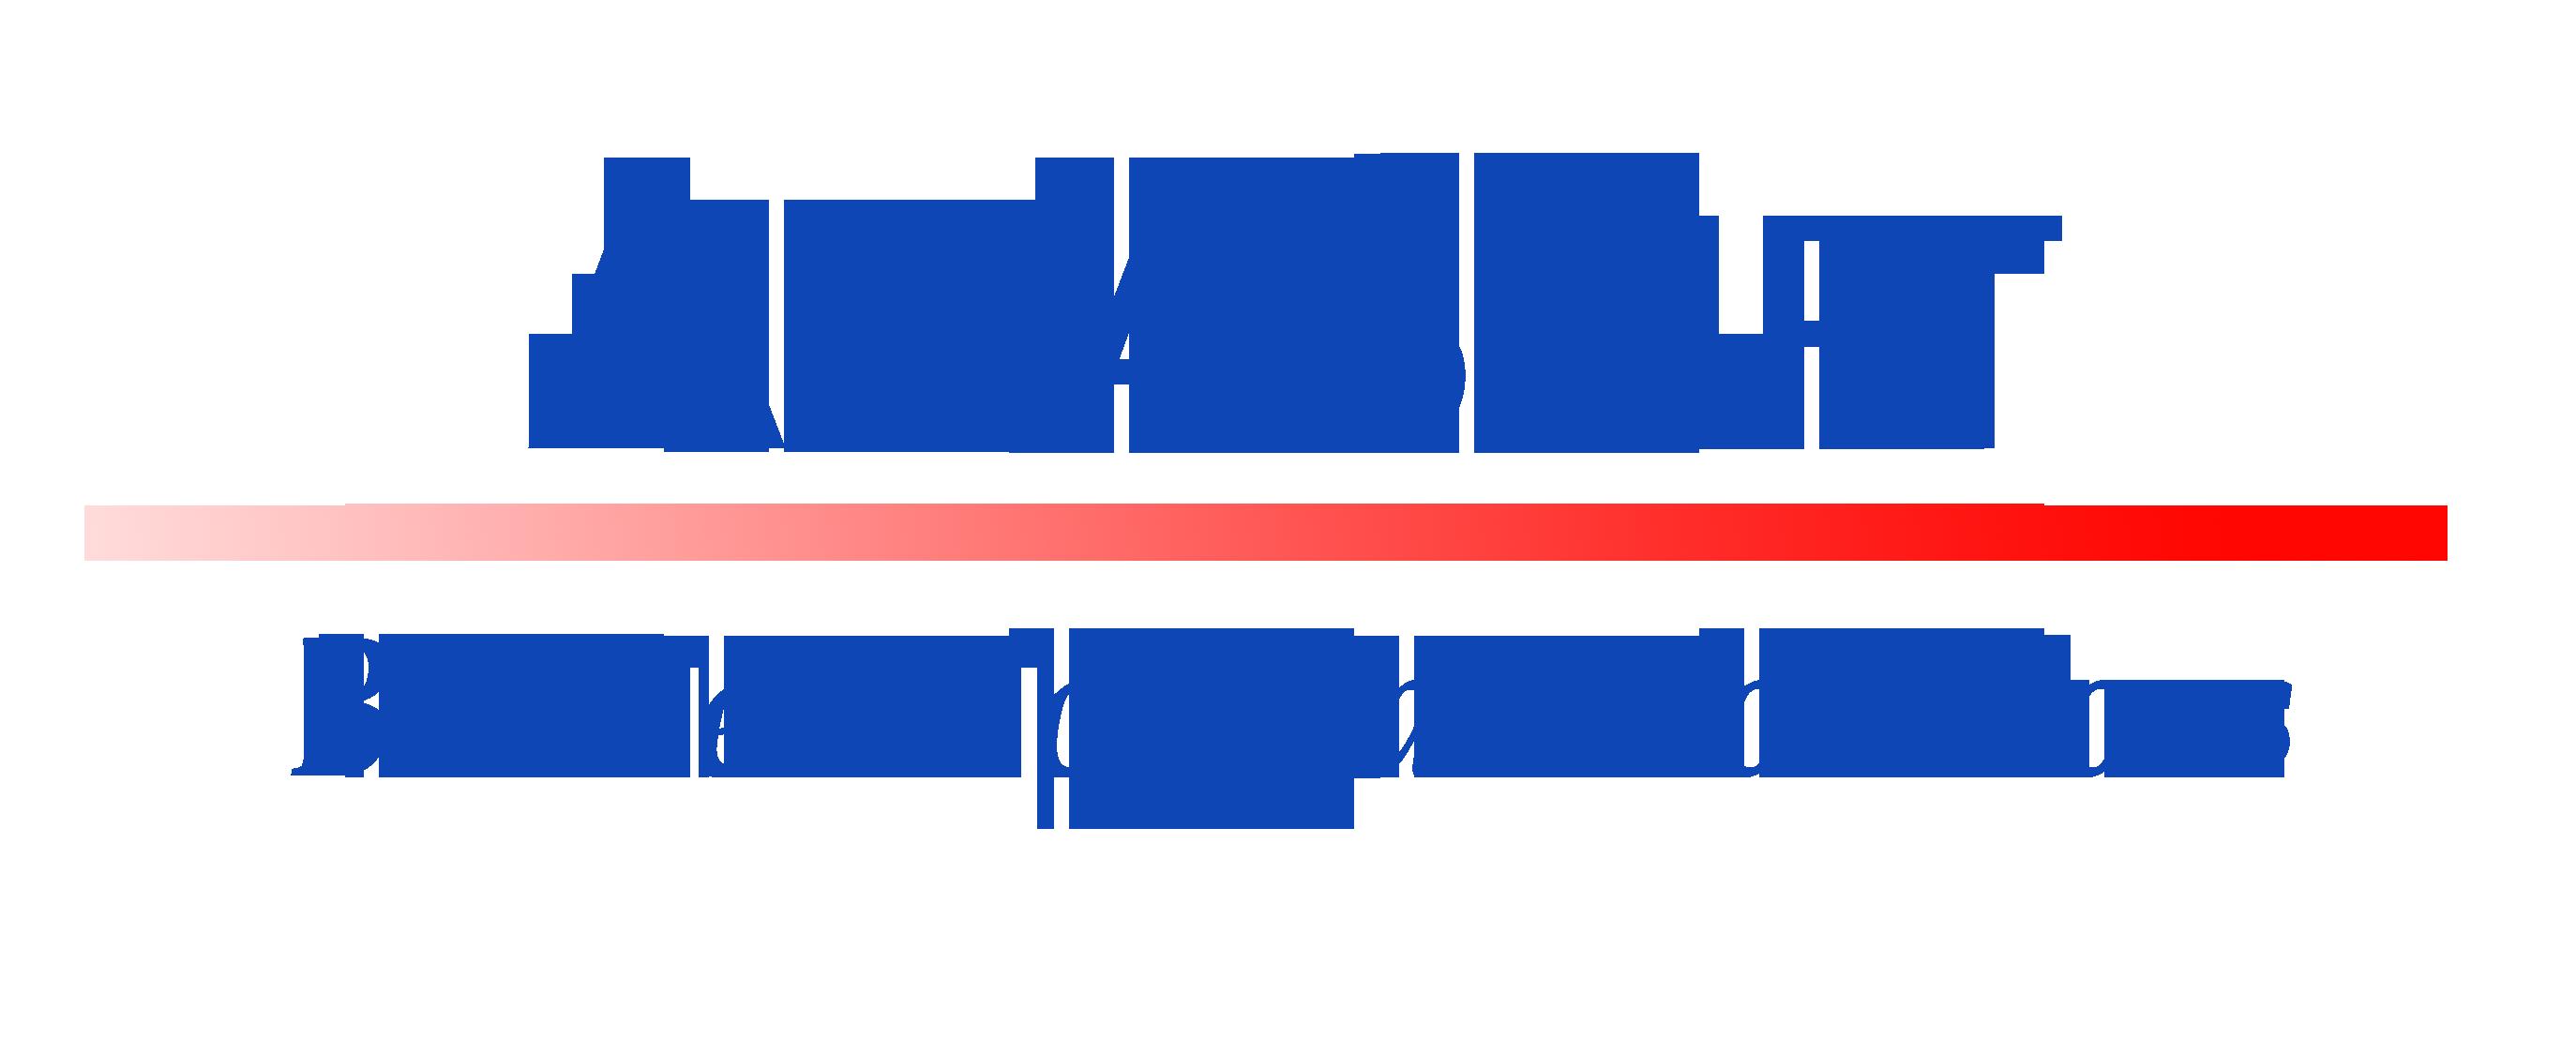 Phần mềm kế toán SIMBA phiên bản đóng gói